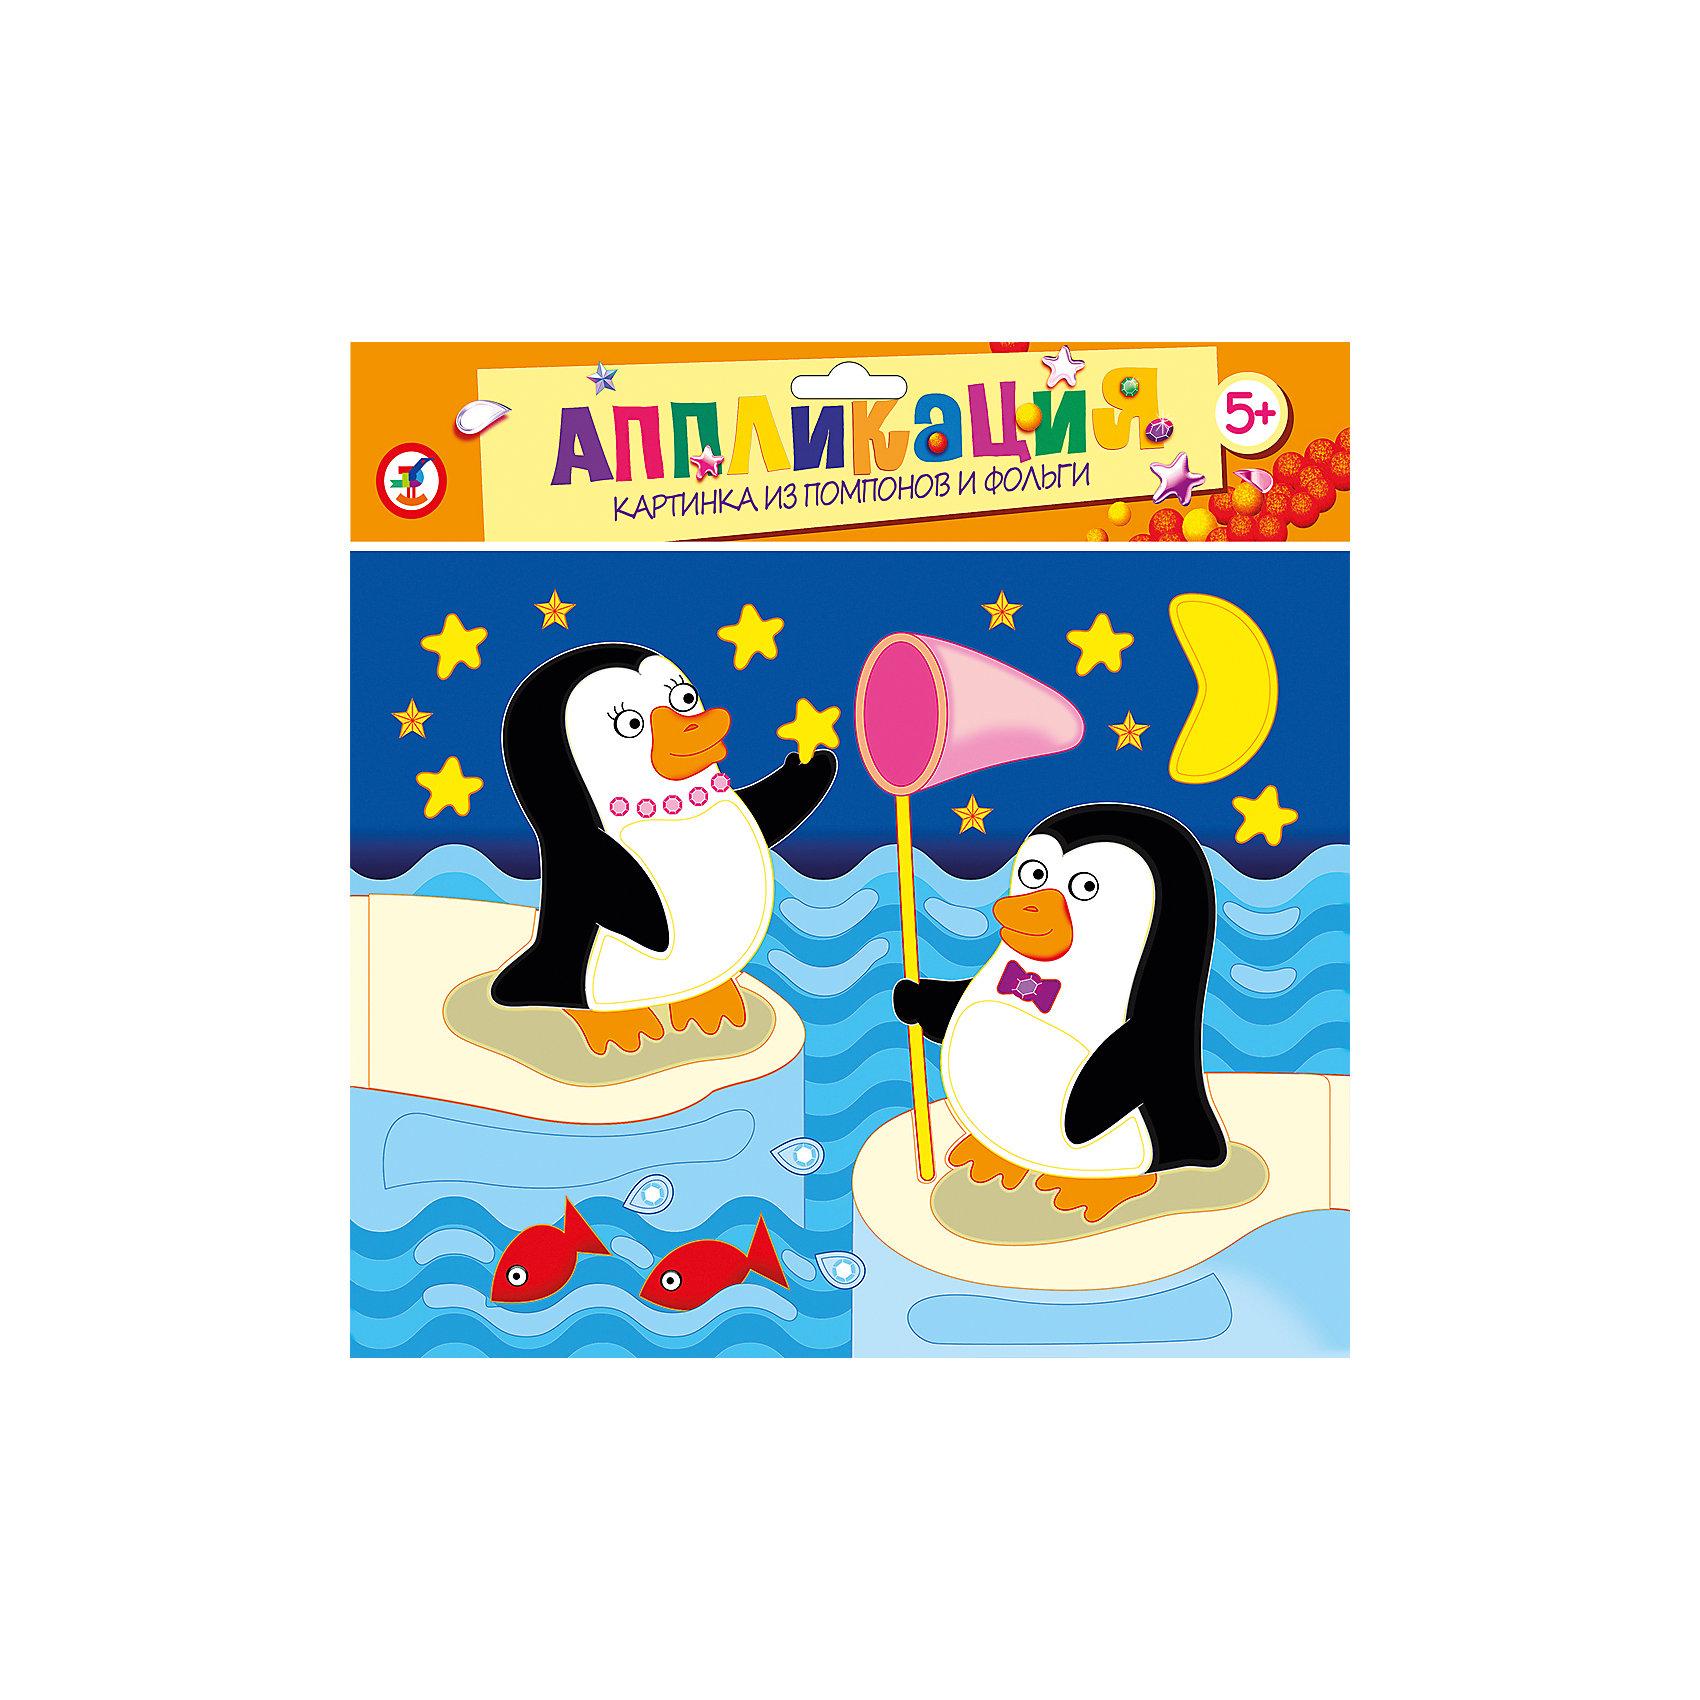 Аппликация из помпонов и фольги ПингвинятаАппликация из помпонов и фольги Пингвинята наверняка понравится Вашему малышу, а процесс ее изготовления принесет массу удовольствия и положительных эмоций. В комплекте Вы найдете цветную основу с контуром рисунка и клеевым слоем, листы цветной фольги, фетровые шарики, глазки и стразы. Аккуратно снимите защитный слой с нужного фрагмента на картинке-основе и приложите к нему листочек фольги цветной стороной вверх - часть фольги останется на рисунке. Затем приклейте разноцветные помпоны на детали рисунка согласно образцу и украсьте изображение блестящими стразами. Симпатичная картинка с забавными пингвинами украсит комнату ребенка или станет подарком, сделанным собственными руками для друзей и родных. Набор способствует развитию мелкой моторики рук, внимания, творческих и художественных способностей ребенка.<br><br>Дополнительная информация:<br><br>- В комплекте: цветная основа с контурным рисунком и клеевым слоем, 3 листа цветной фольги, фетровые шарики трех цветов, деревянная палочка, глазки и стразы на самоклеящейся основе.<br>- Материал: картон, бумага, фольга, пластик, фетр.<br>- Размер упаковки: 20 х 25,5 х 0,5 см.<br>- Вес: 44 гр.<br><br>Аппликацию из помпонов и фольги Пингвинята, Дрофа Медиа, можно купить в нашем интернет-магазине.<br><br>Ширина мм: 260<br>Глубина мм: 205<br>Высота мм: 5<br>Вес г: 85<br>Возраст от месяцев: 60<br>Возраст до месяцев: 2147483647<br>Пол: Унисекс<br>Возраст: Детский<br>SKU: 4561810